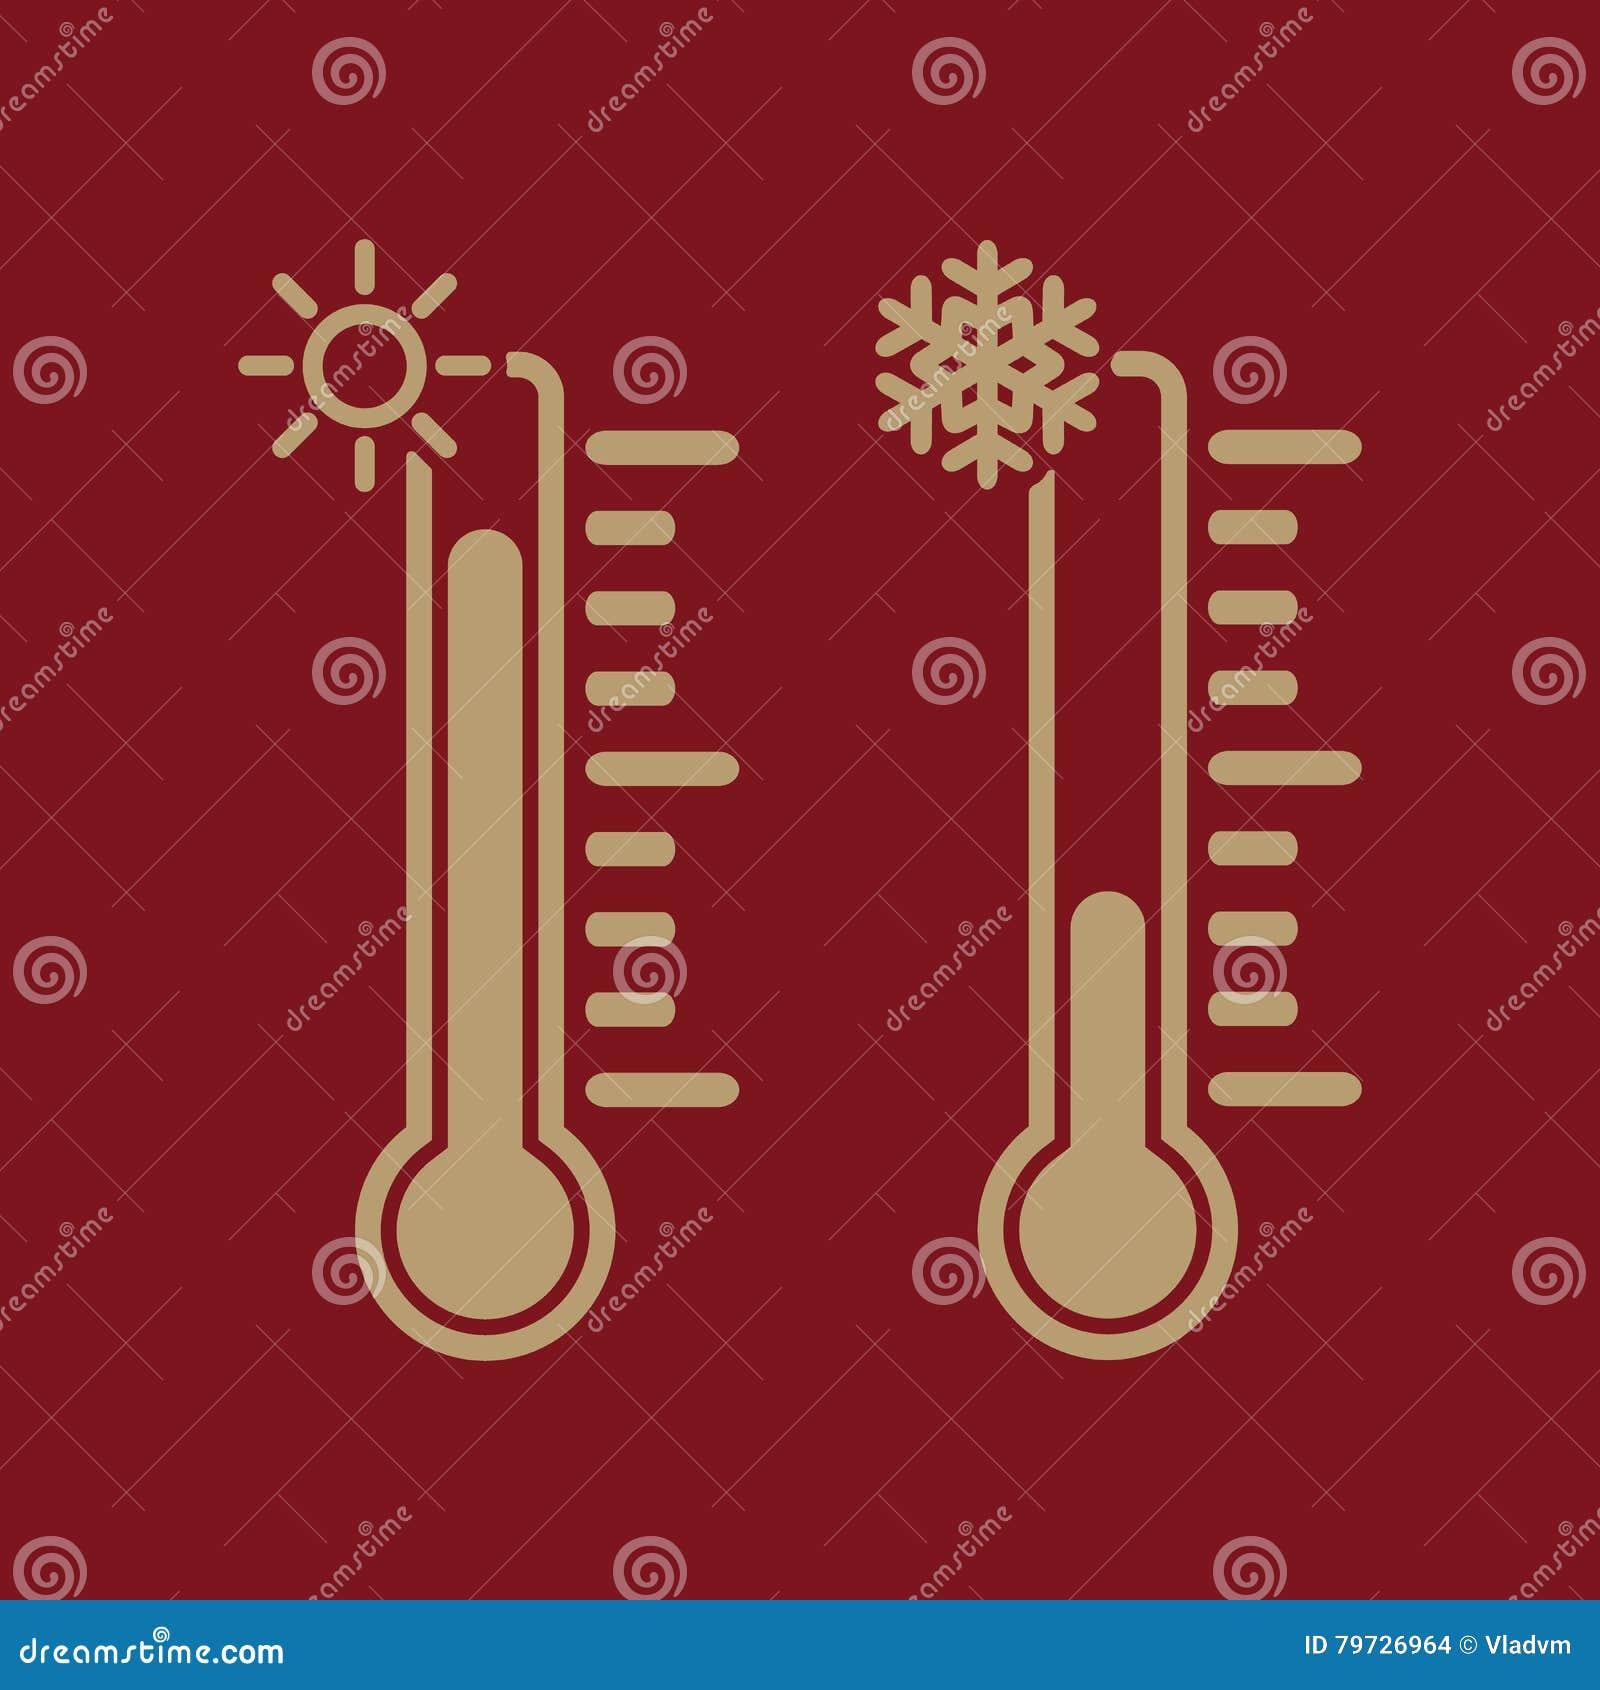 El icono del termómetro Temperatura del cielo y tierra